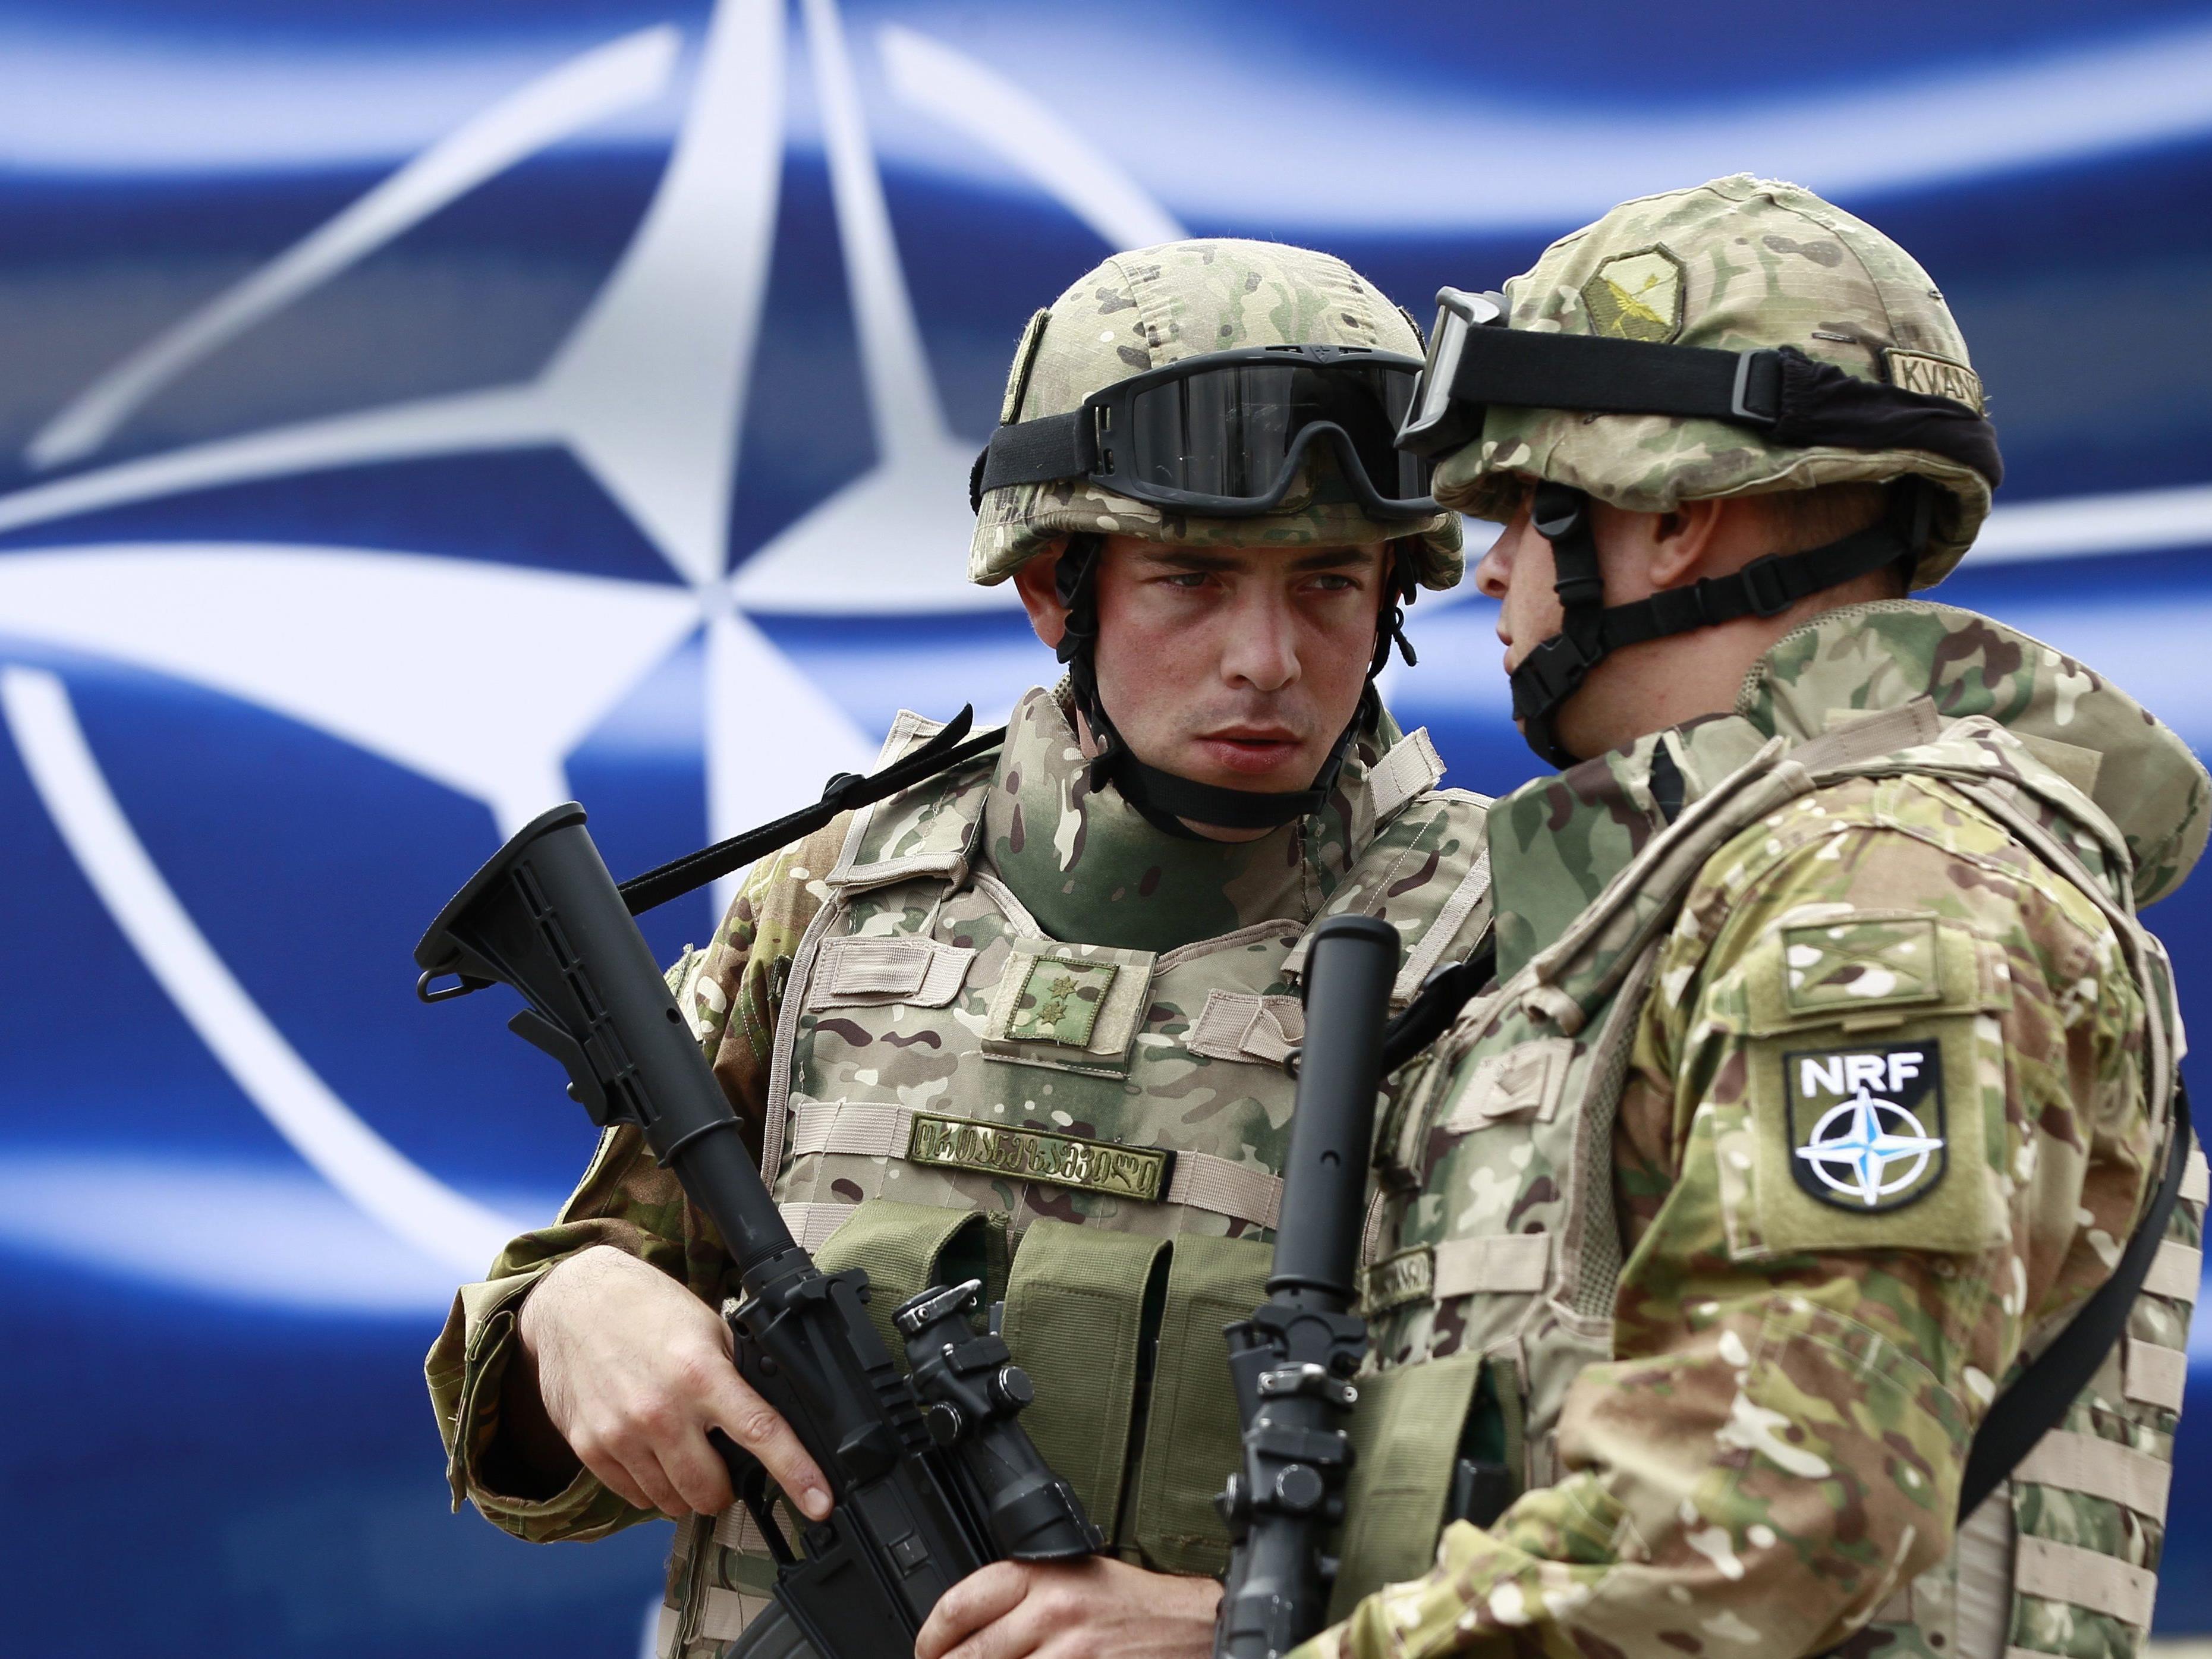 NATO führte seit 2014 3.200 Militärtransporte durch das neutrale Österreich durch.